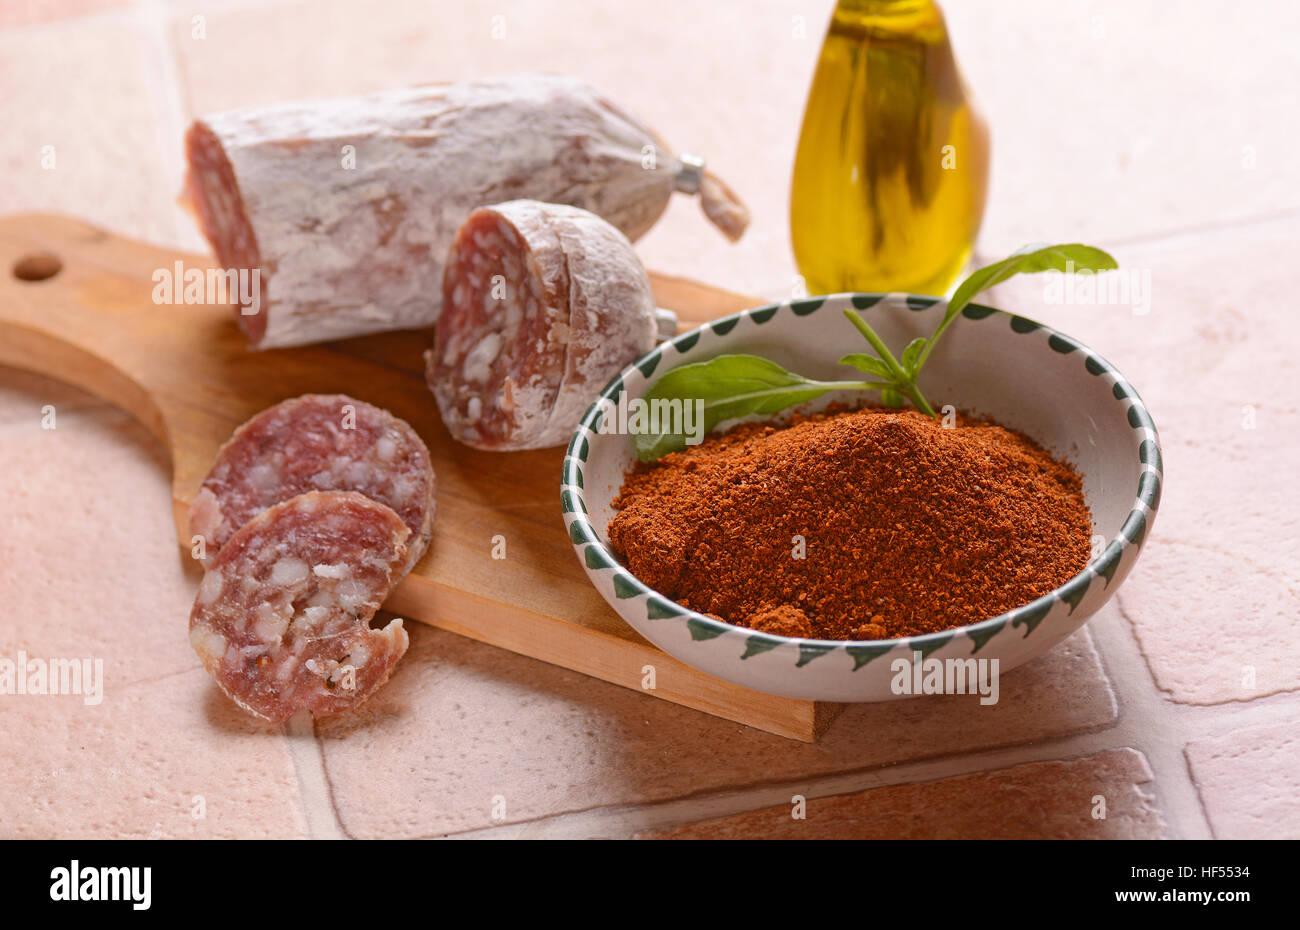 Salami pur porc au piment - Cuisine italienne traditionnelle Photo Stock